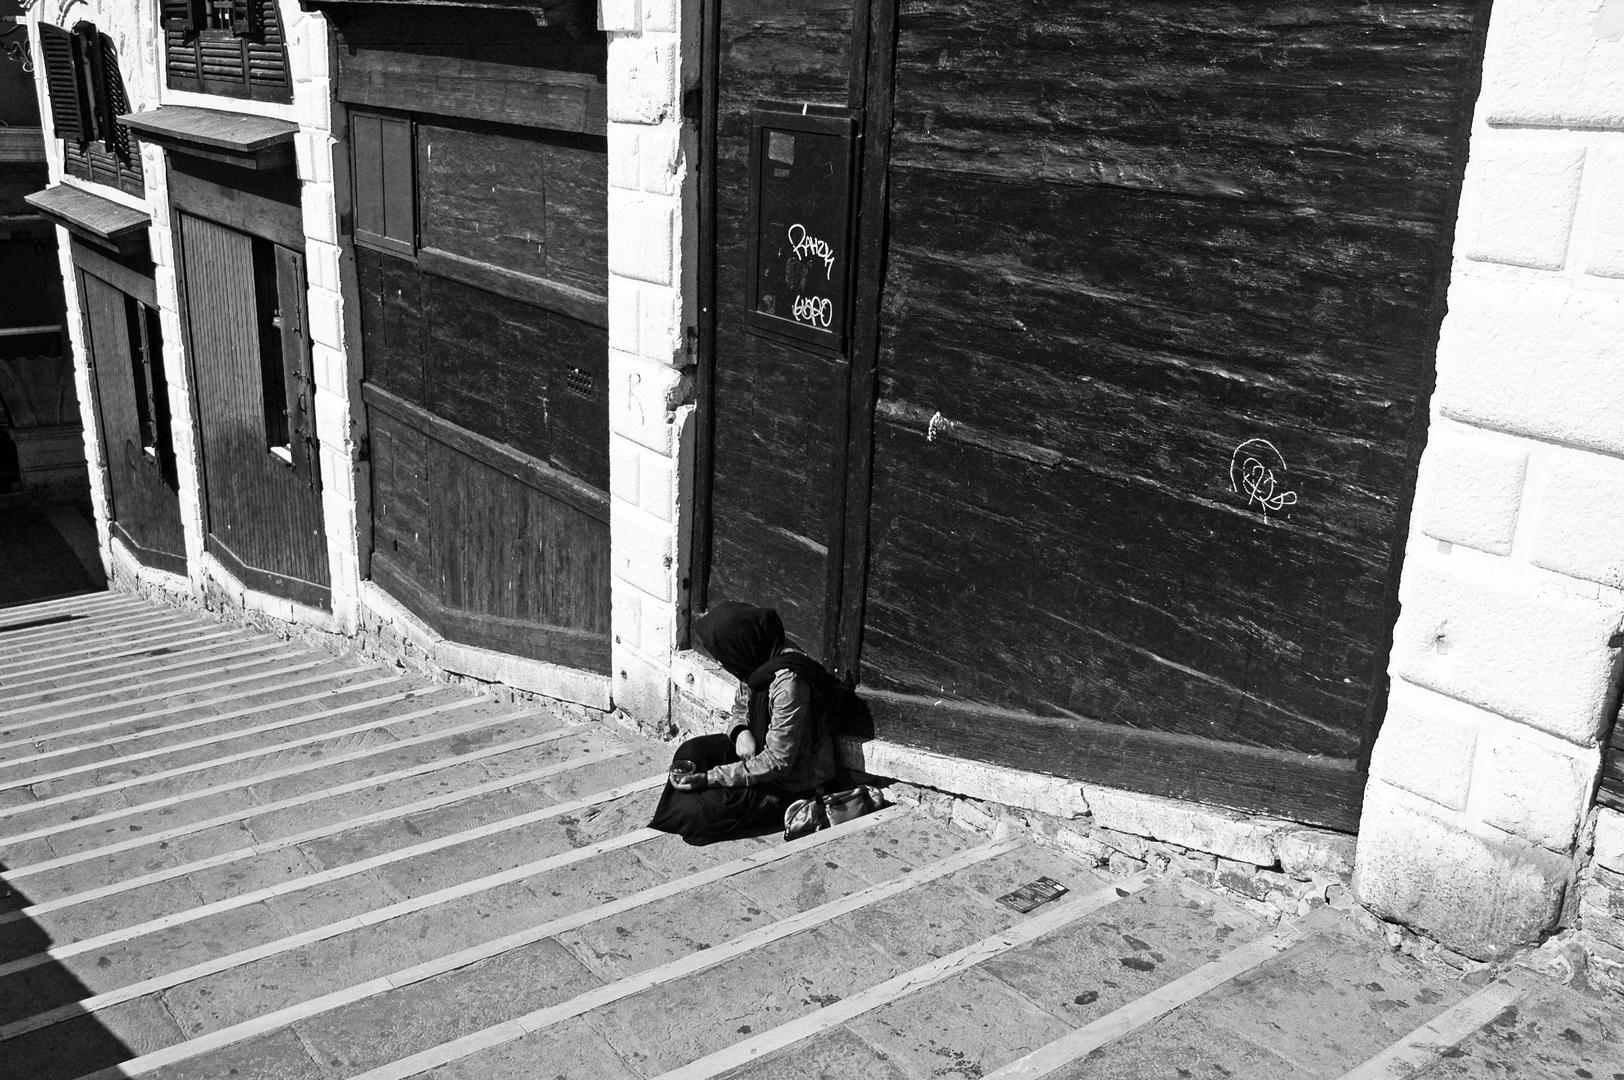 Désolation et pauvreté